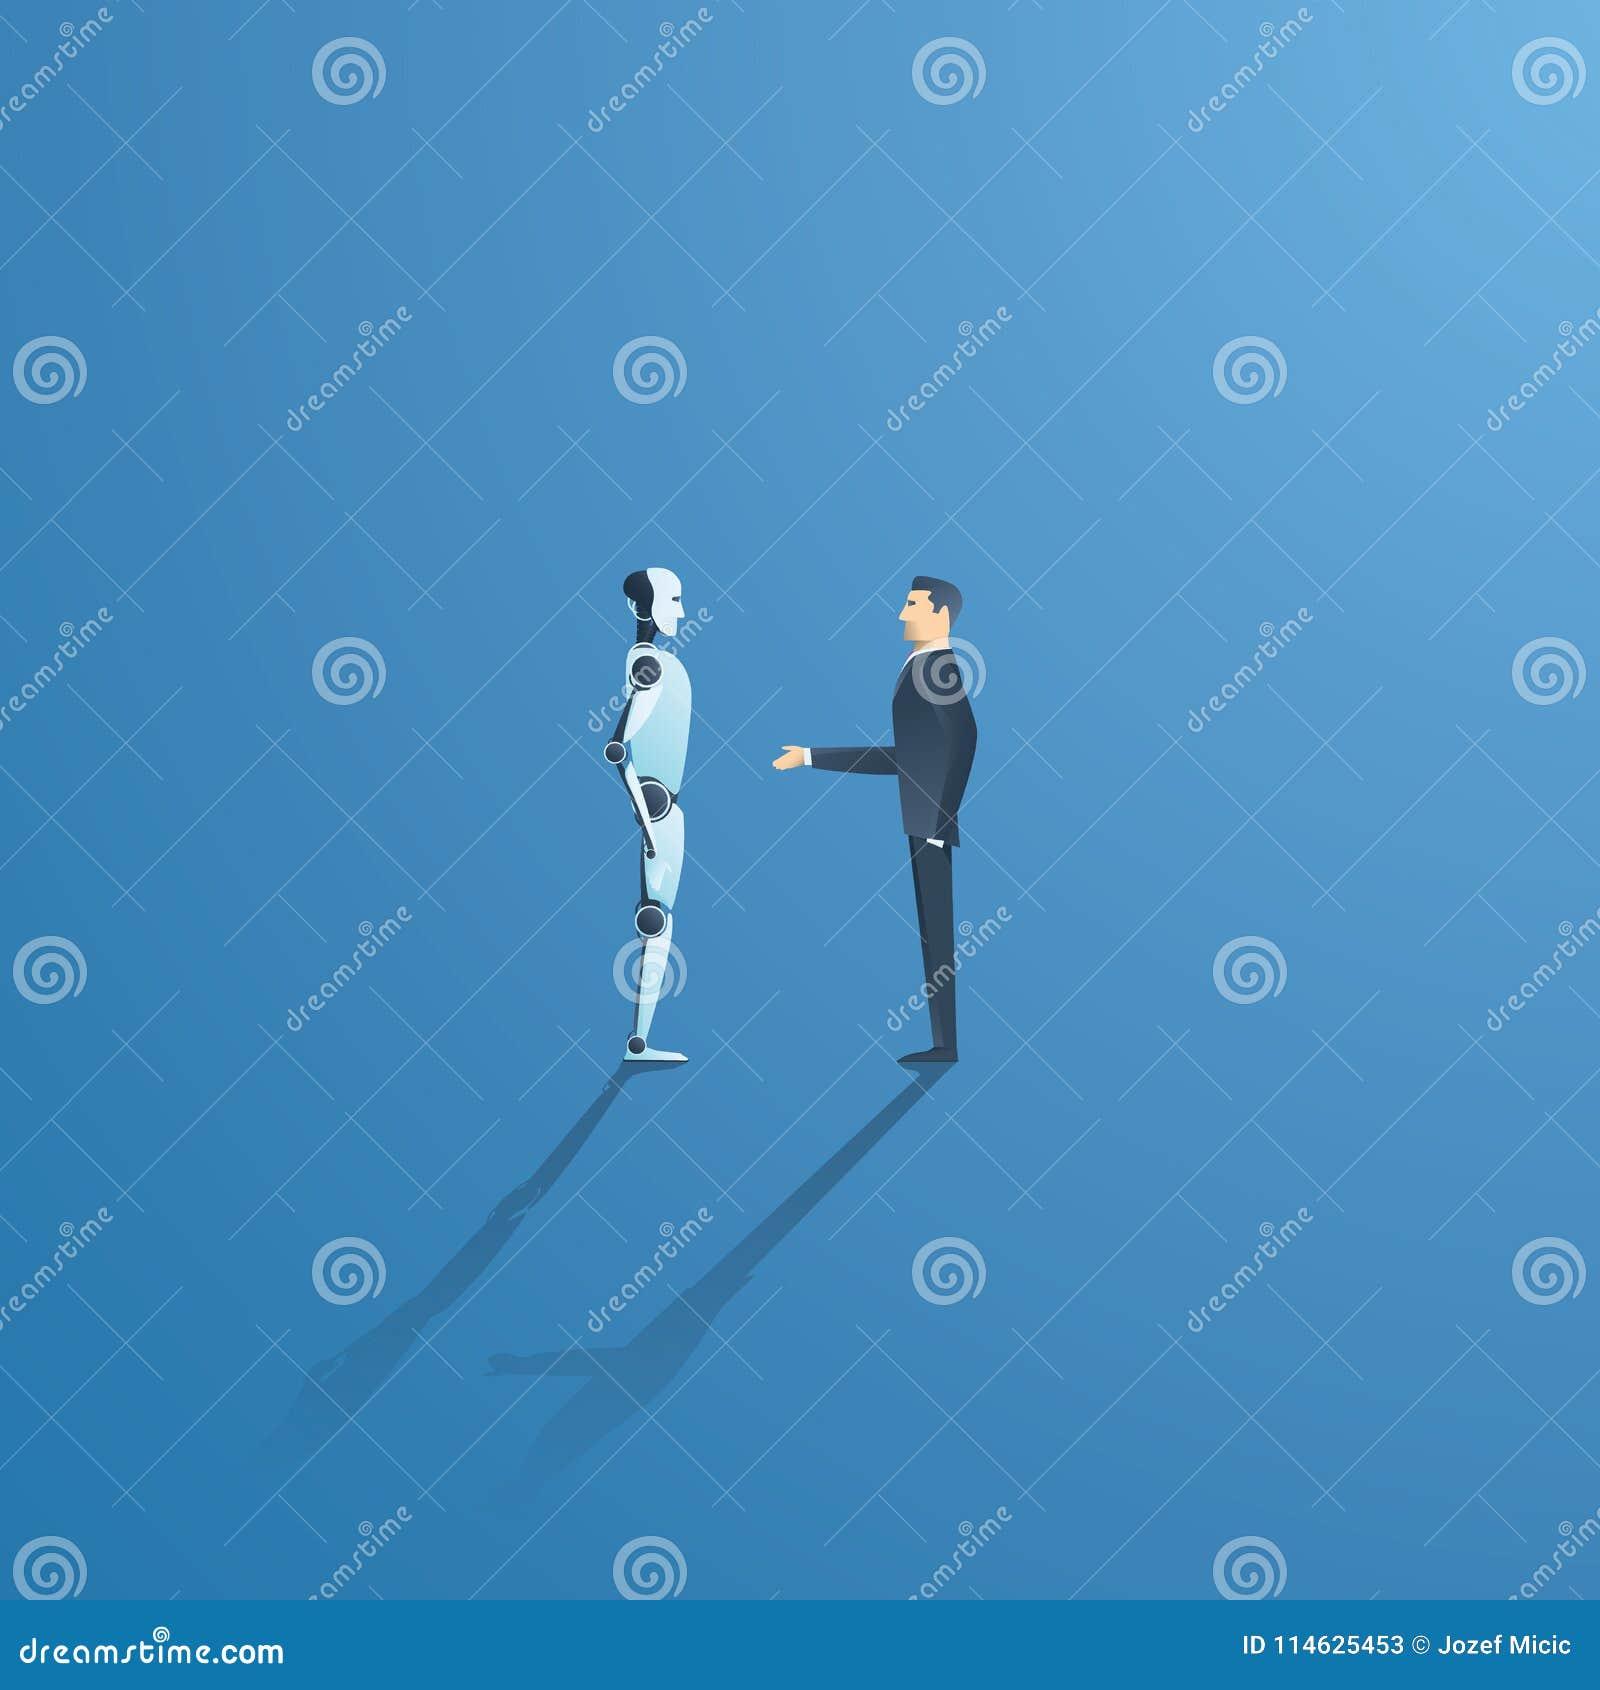 Ai of kunstmatige intelligentie vectorconcept met ai robothanddruk met mens Symbool van toekomstige samenwerking